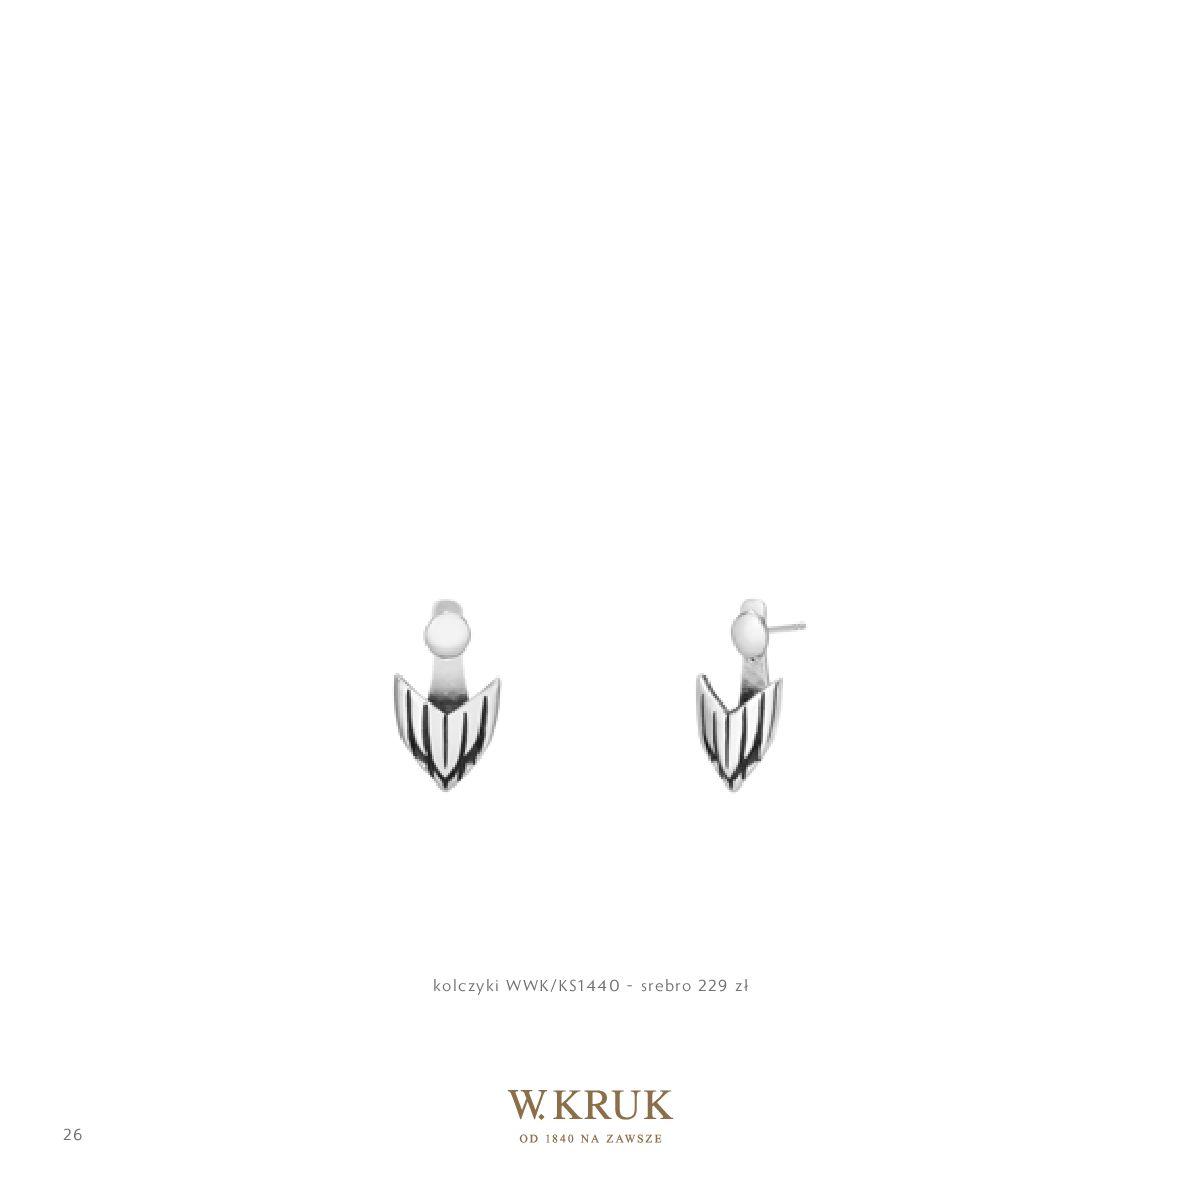 Gazetka W. KRUK: Katalog - Freedom Wolf 2021-02-17 page-28